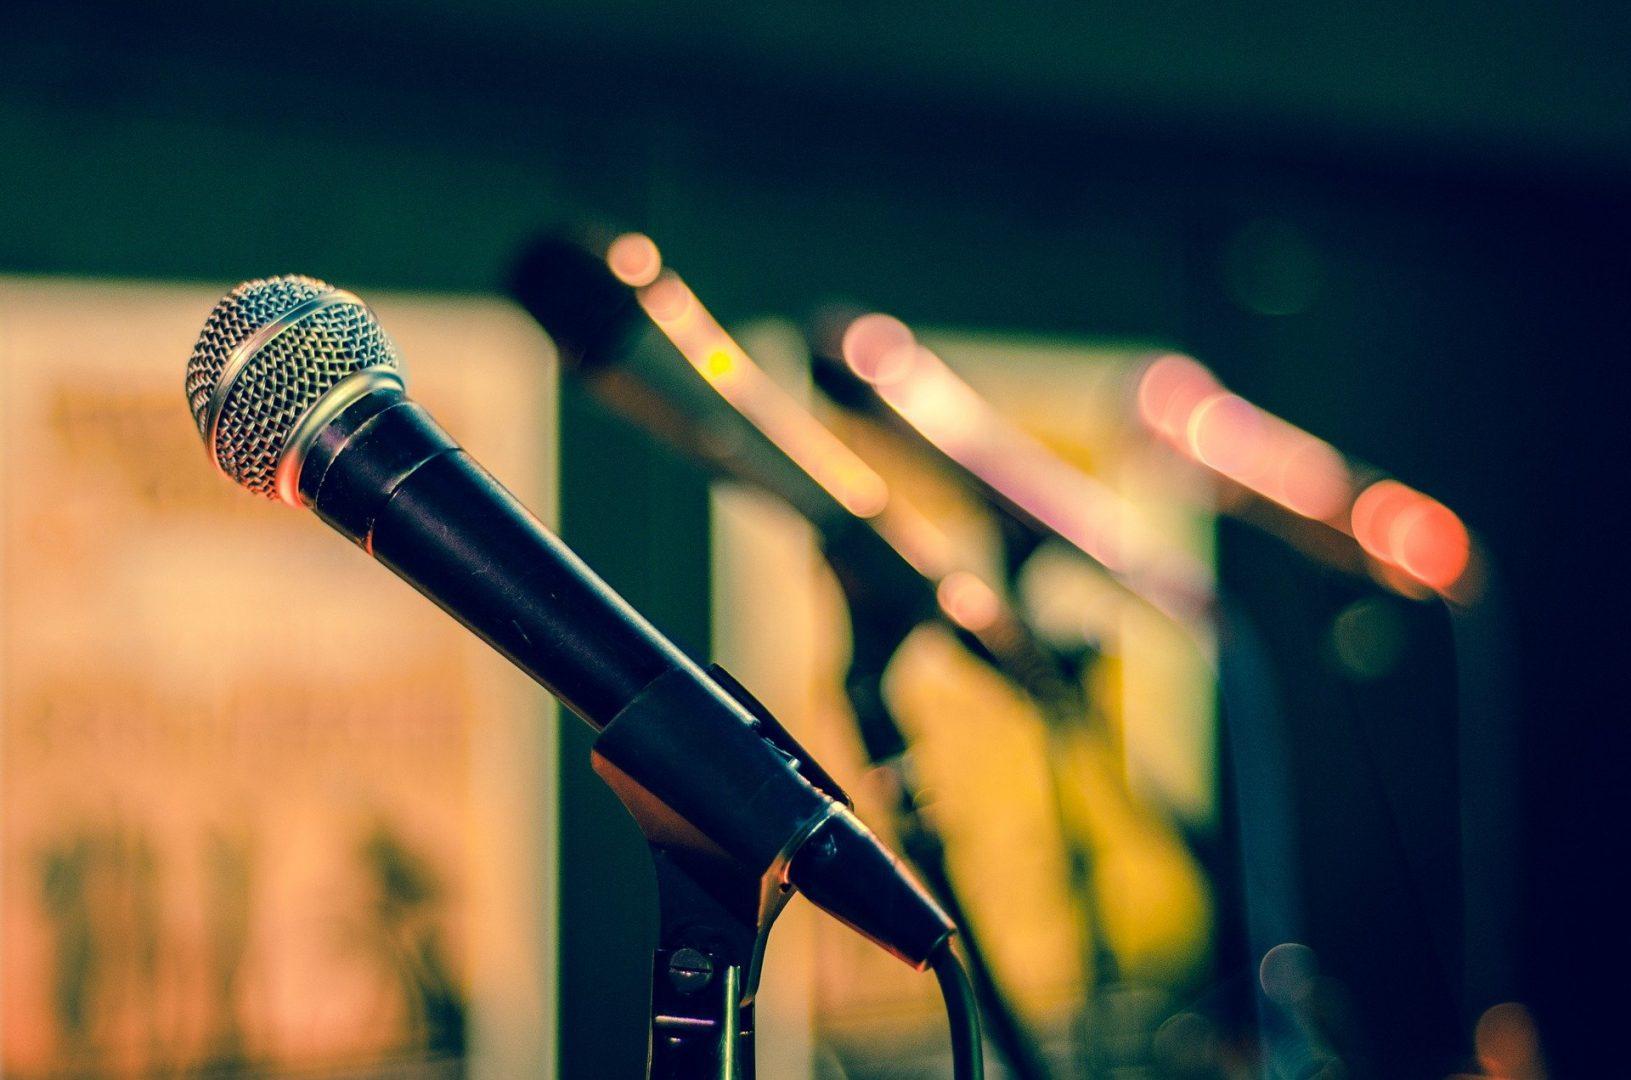 Онлайн-концерт представили в поселении Сосенское. Фото: pixabay.com